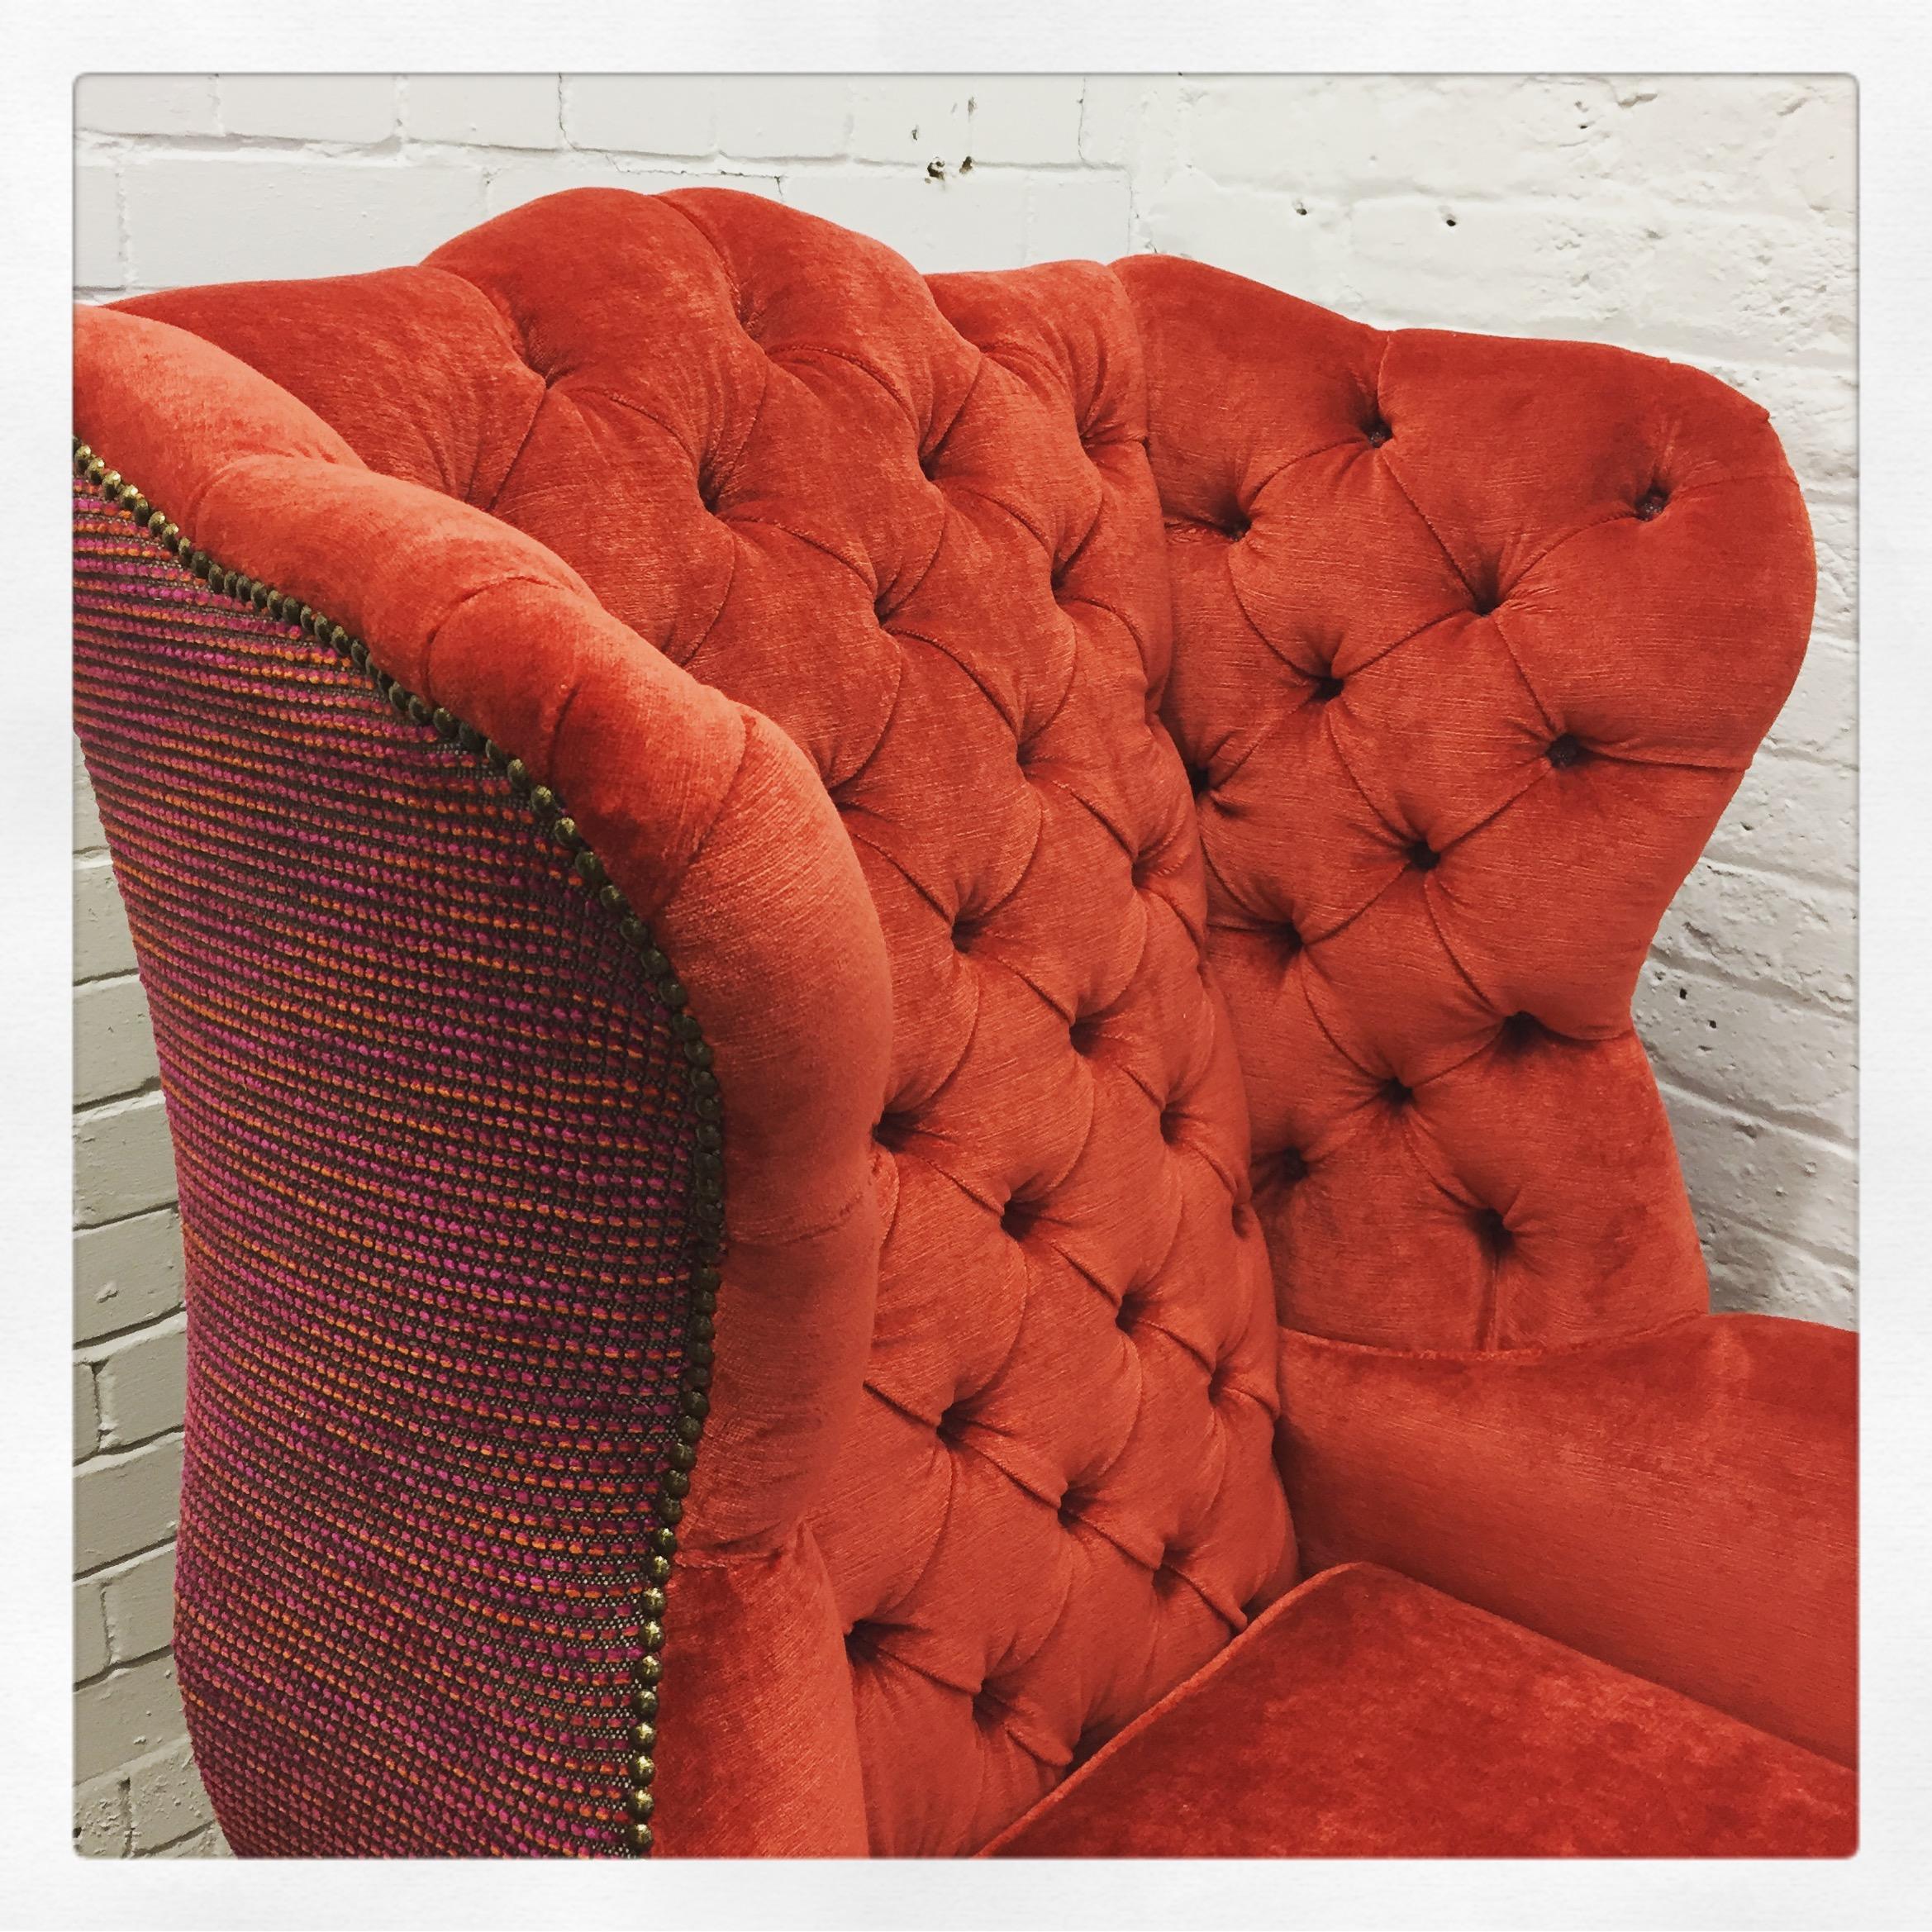 london upholsterers